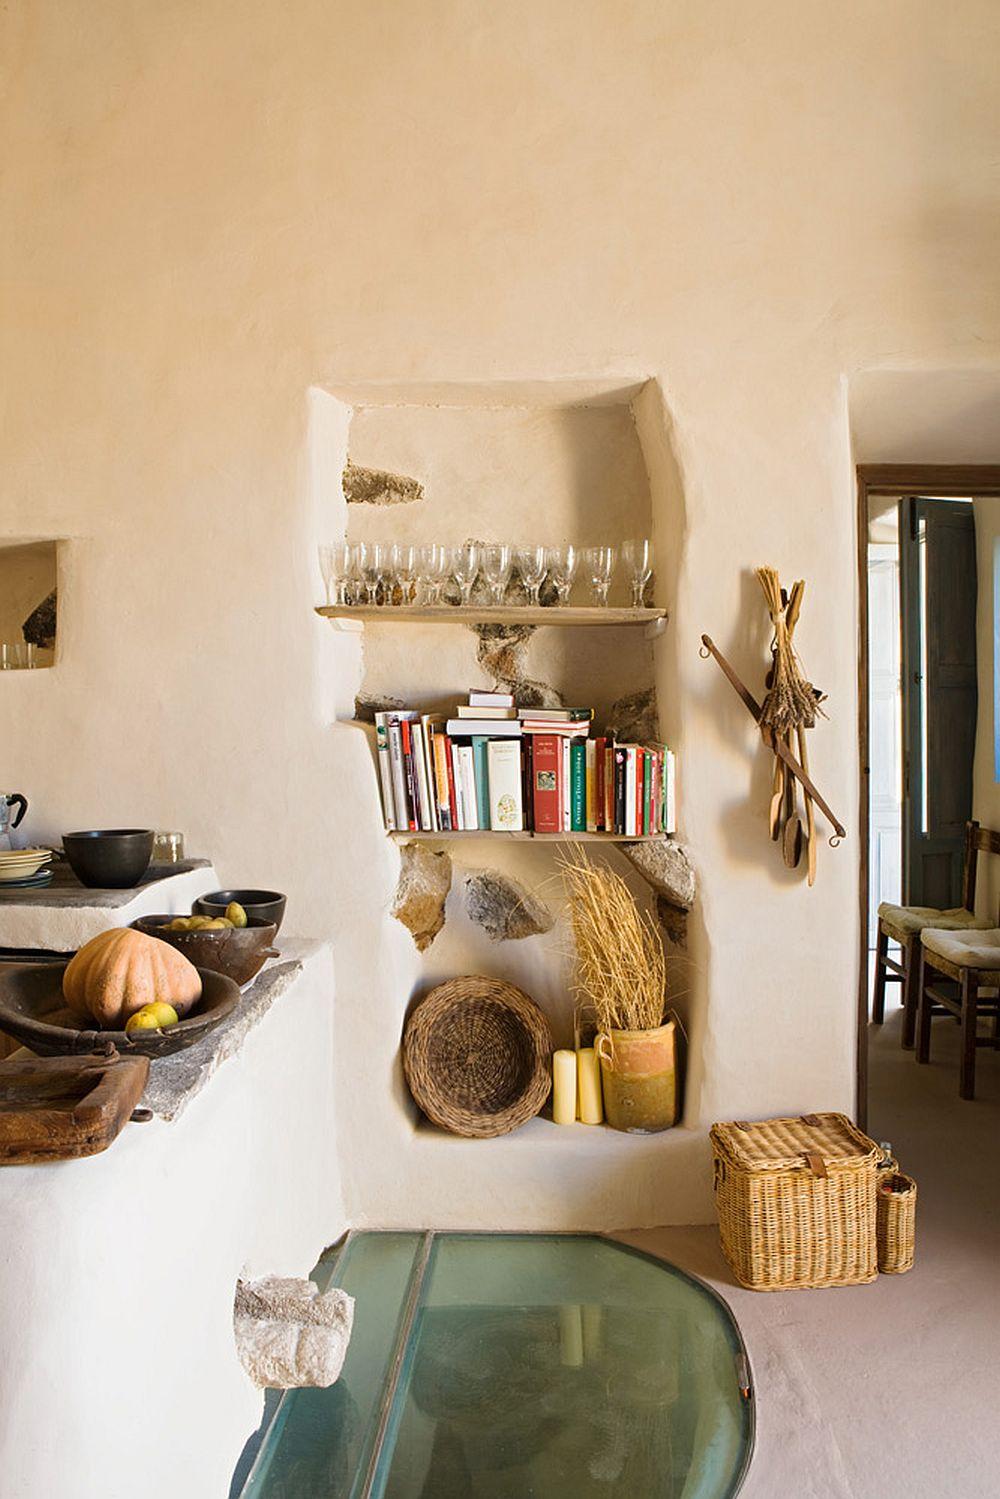 adelaparvu.com despre casa naturala in Filicudi, casa din materiale naturale Insulele Eoliene, Foto Adriano Bacchella (21)